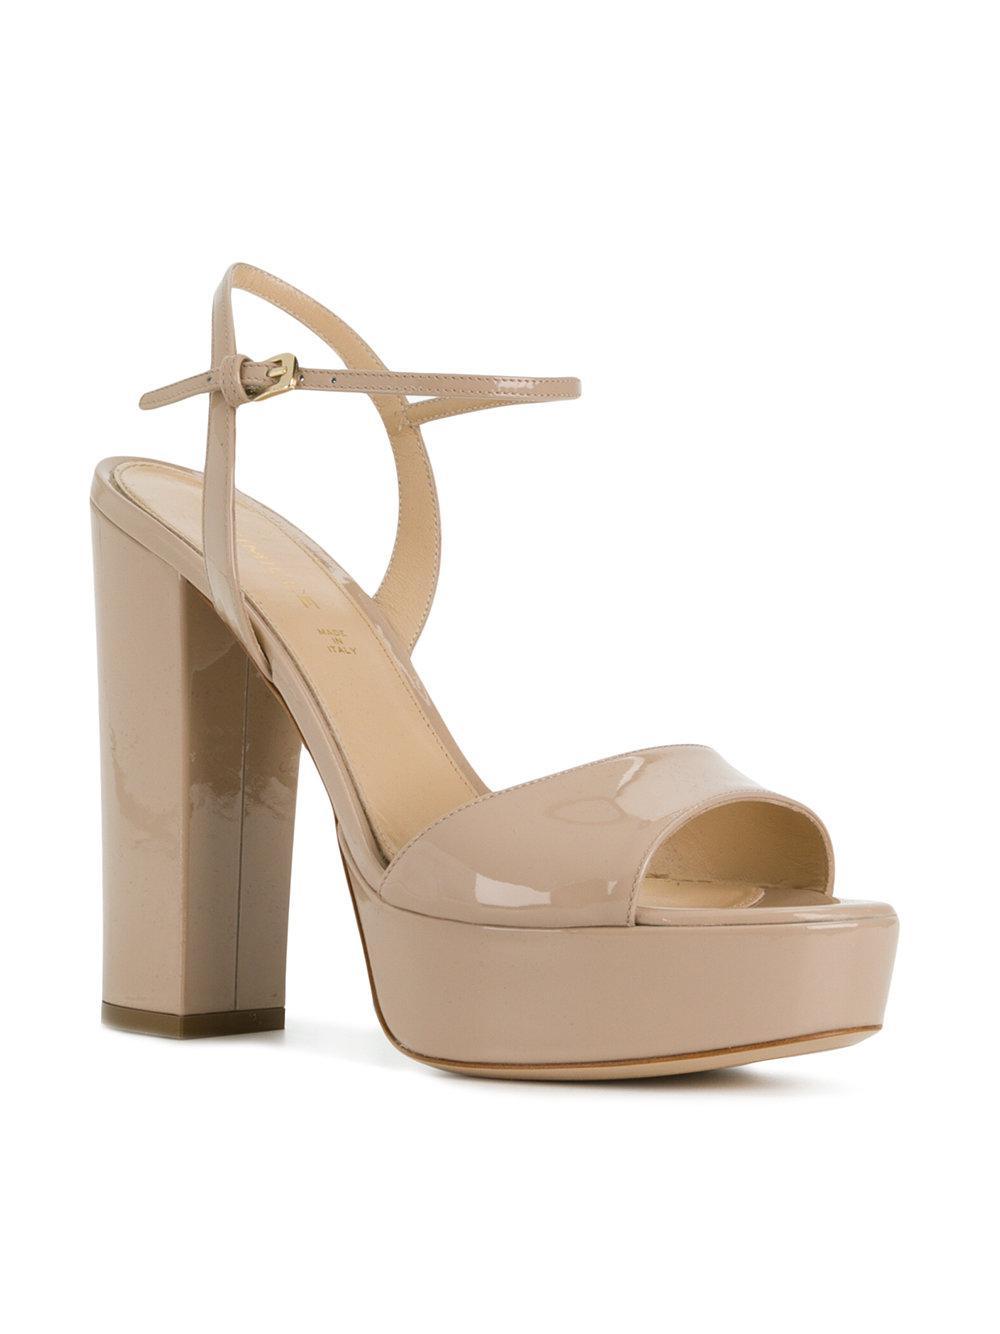 high platformed sandals - Nude & Neutrals Deimille dCDi86x